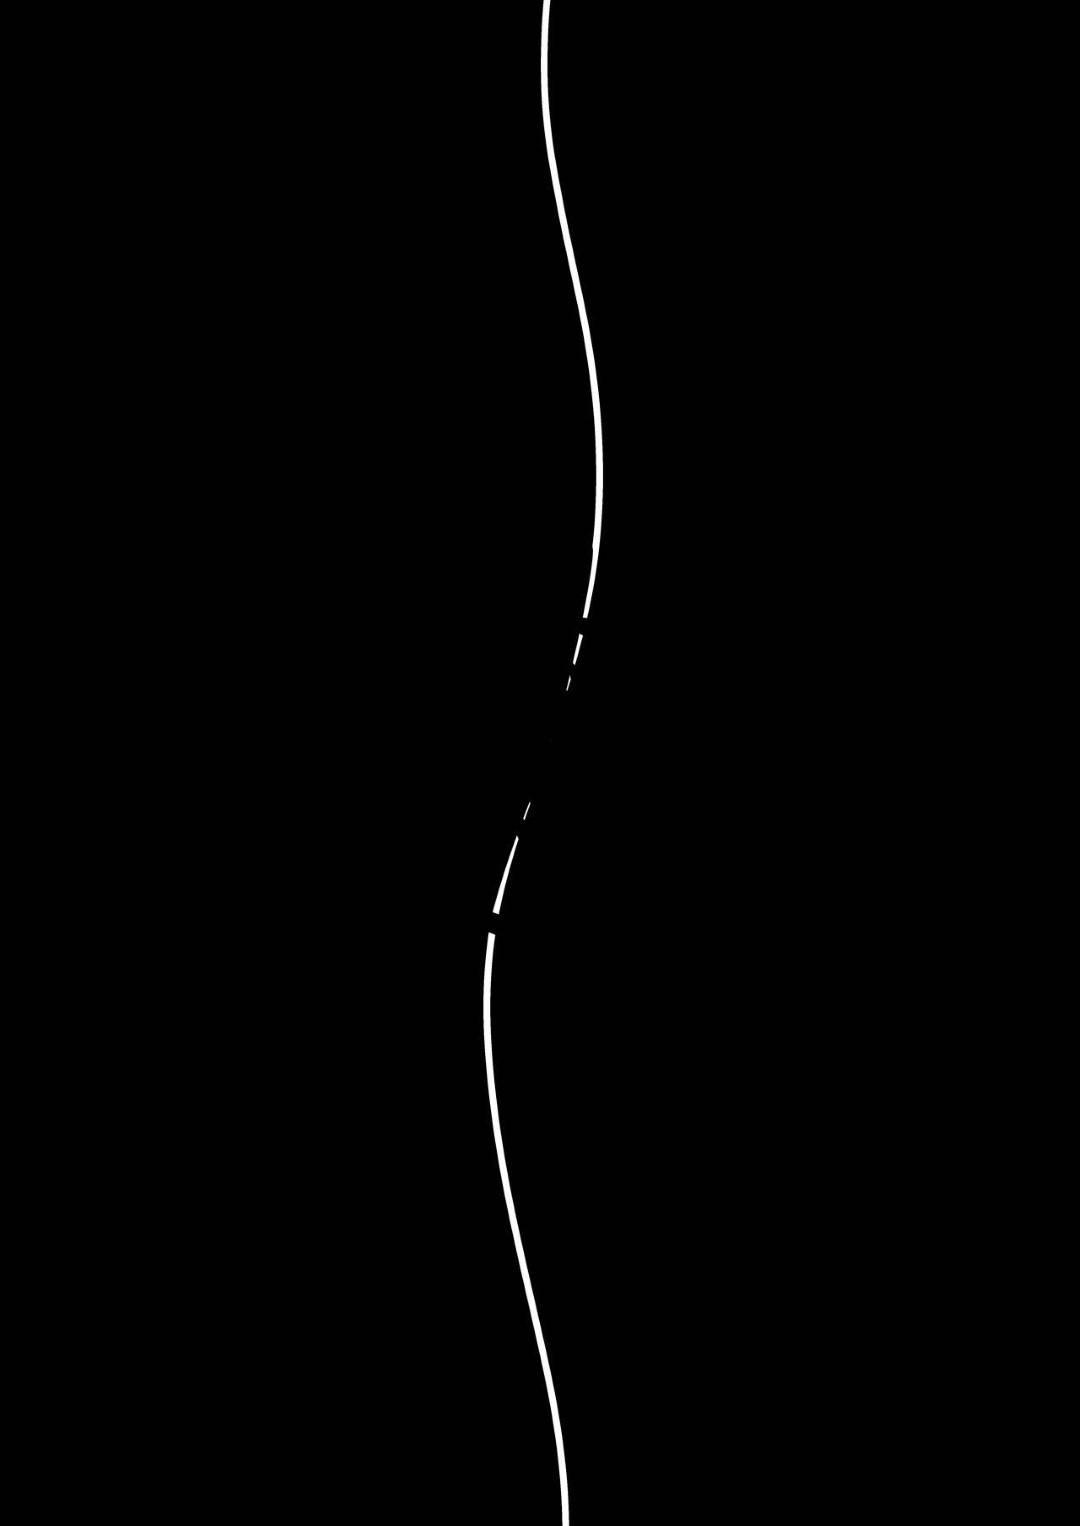 【NTR見せつけセックスエロ漫画】彼氏に内緒で先生との関係を続けていたJKは、彼氏を家に招き騎乗位で責めついに念願の彼氏とのセックスを果たすが呆気なく終わってしまい満足できず彼氏の前で先生とセックスしアクメ【ベコ太郎】